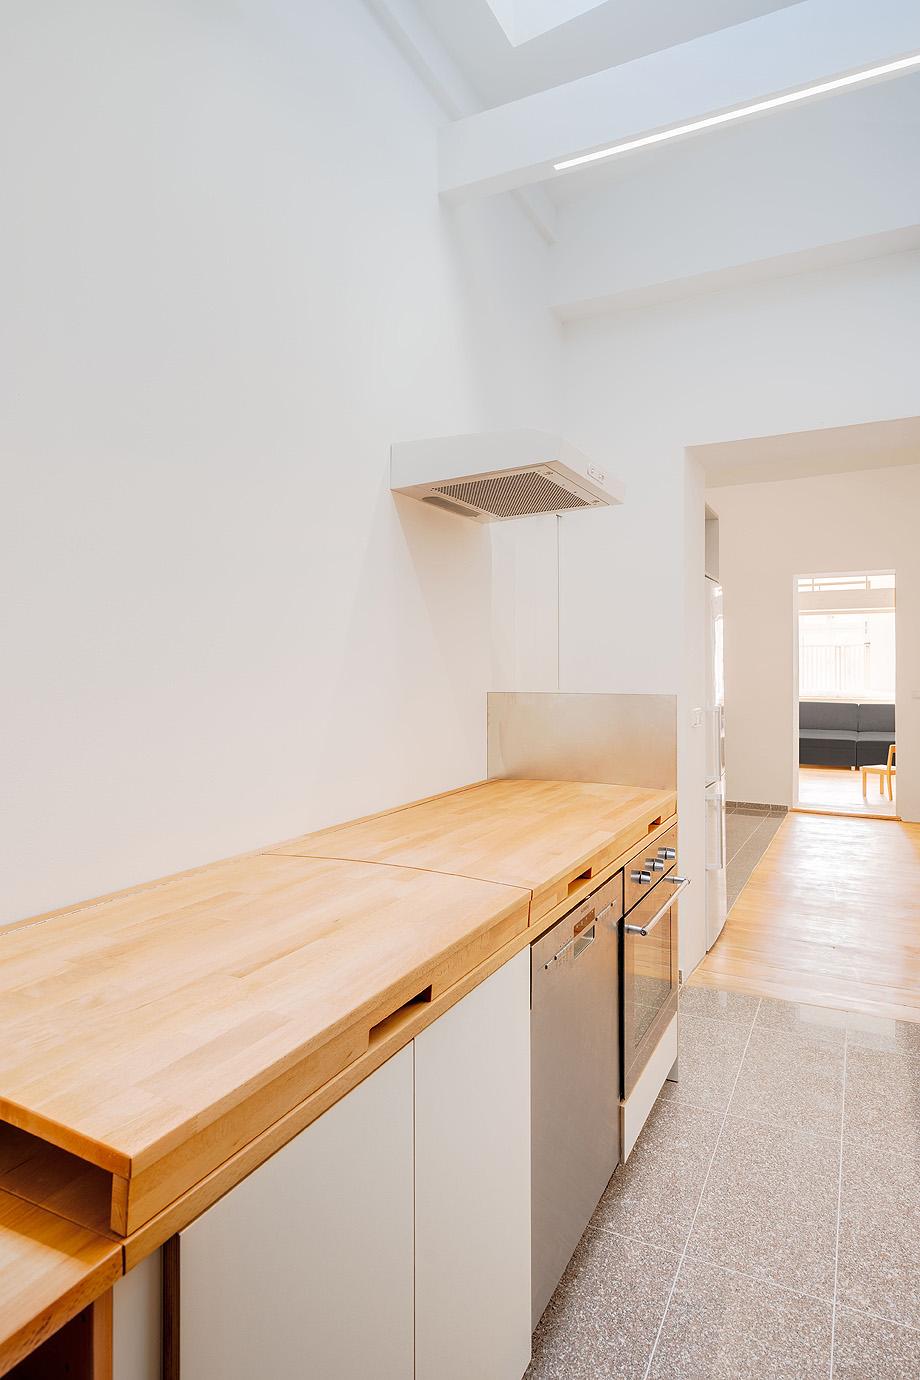 apartamento am106 de paola bagna - foto ringo paulusch (34)